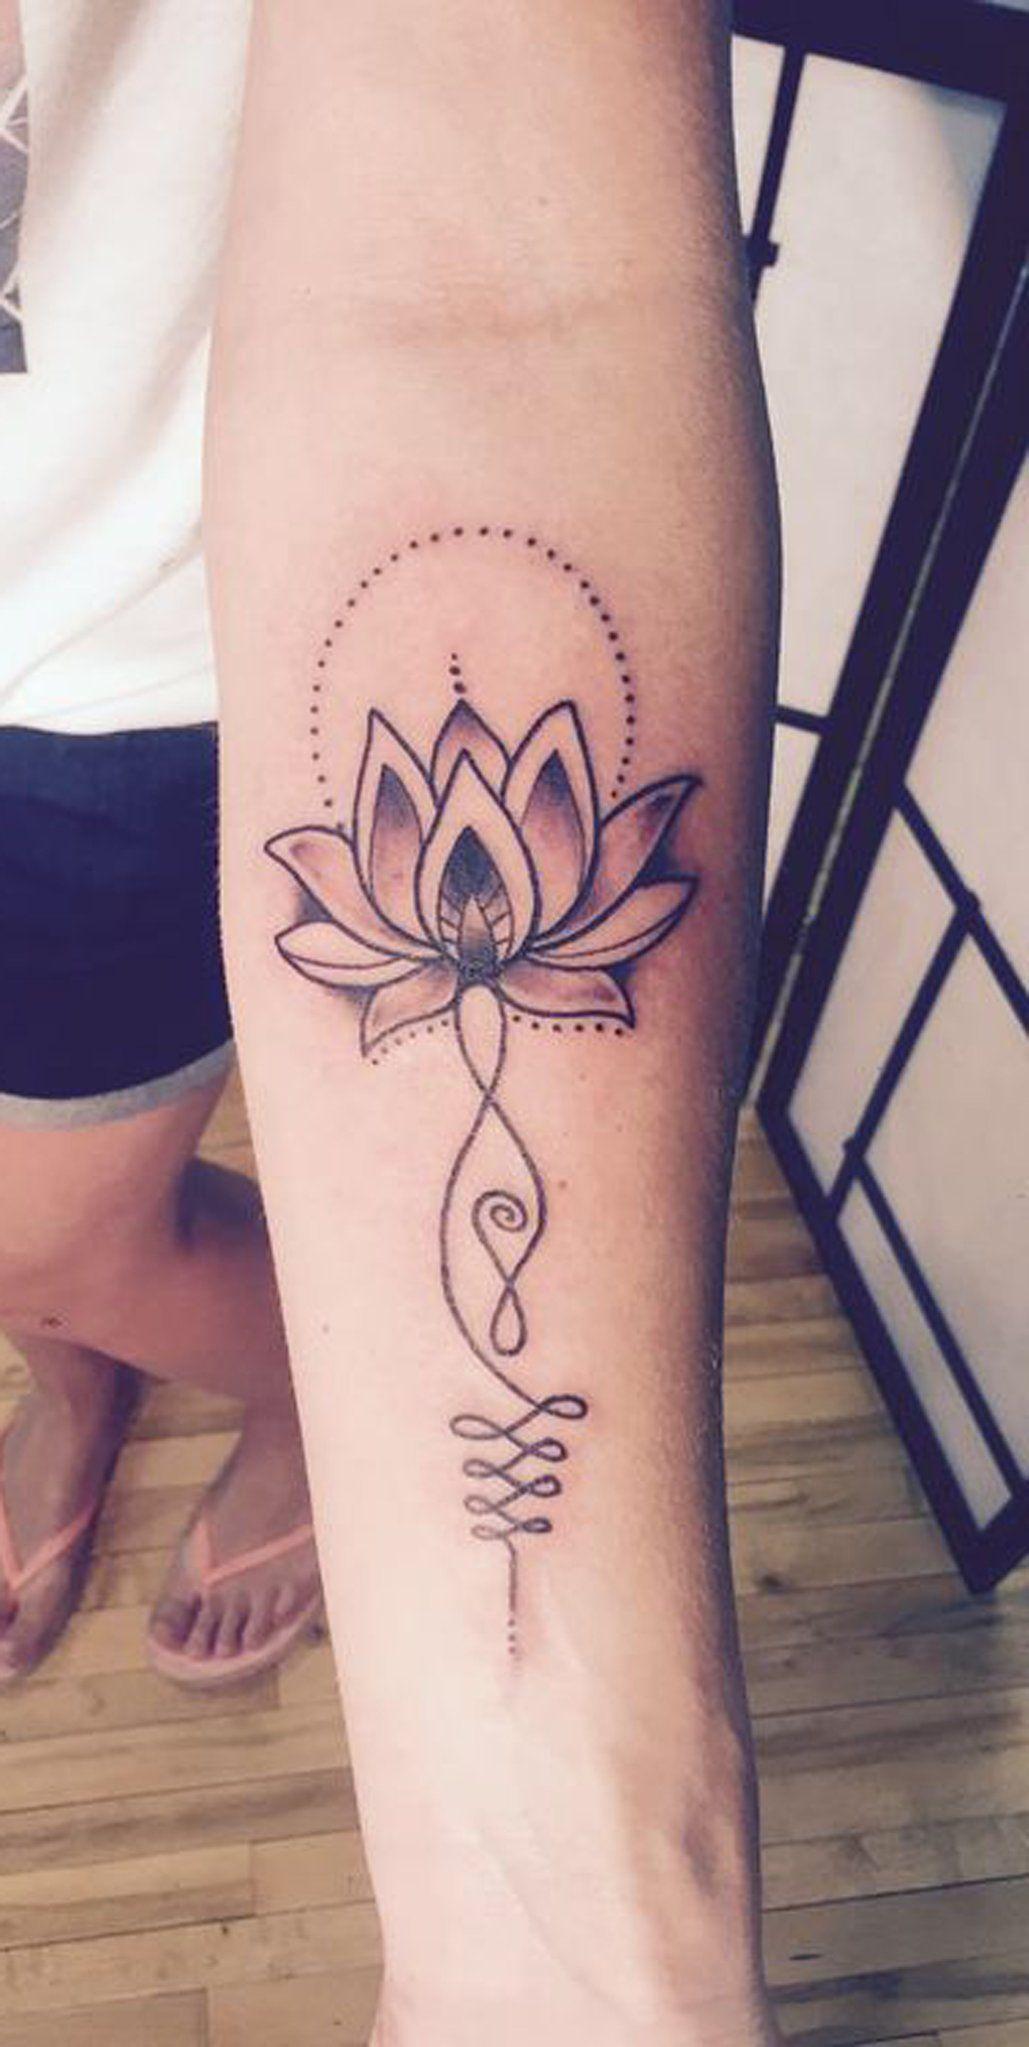 Lotus Flower Tattoo Inner Arm Arm Tattoo Sites